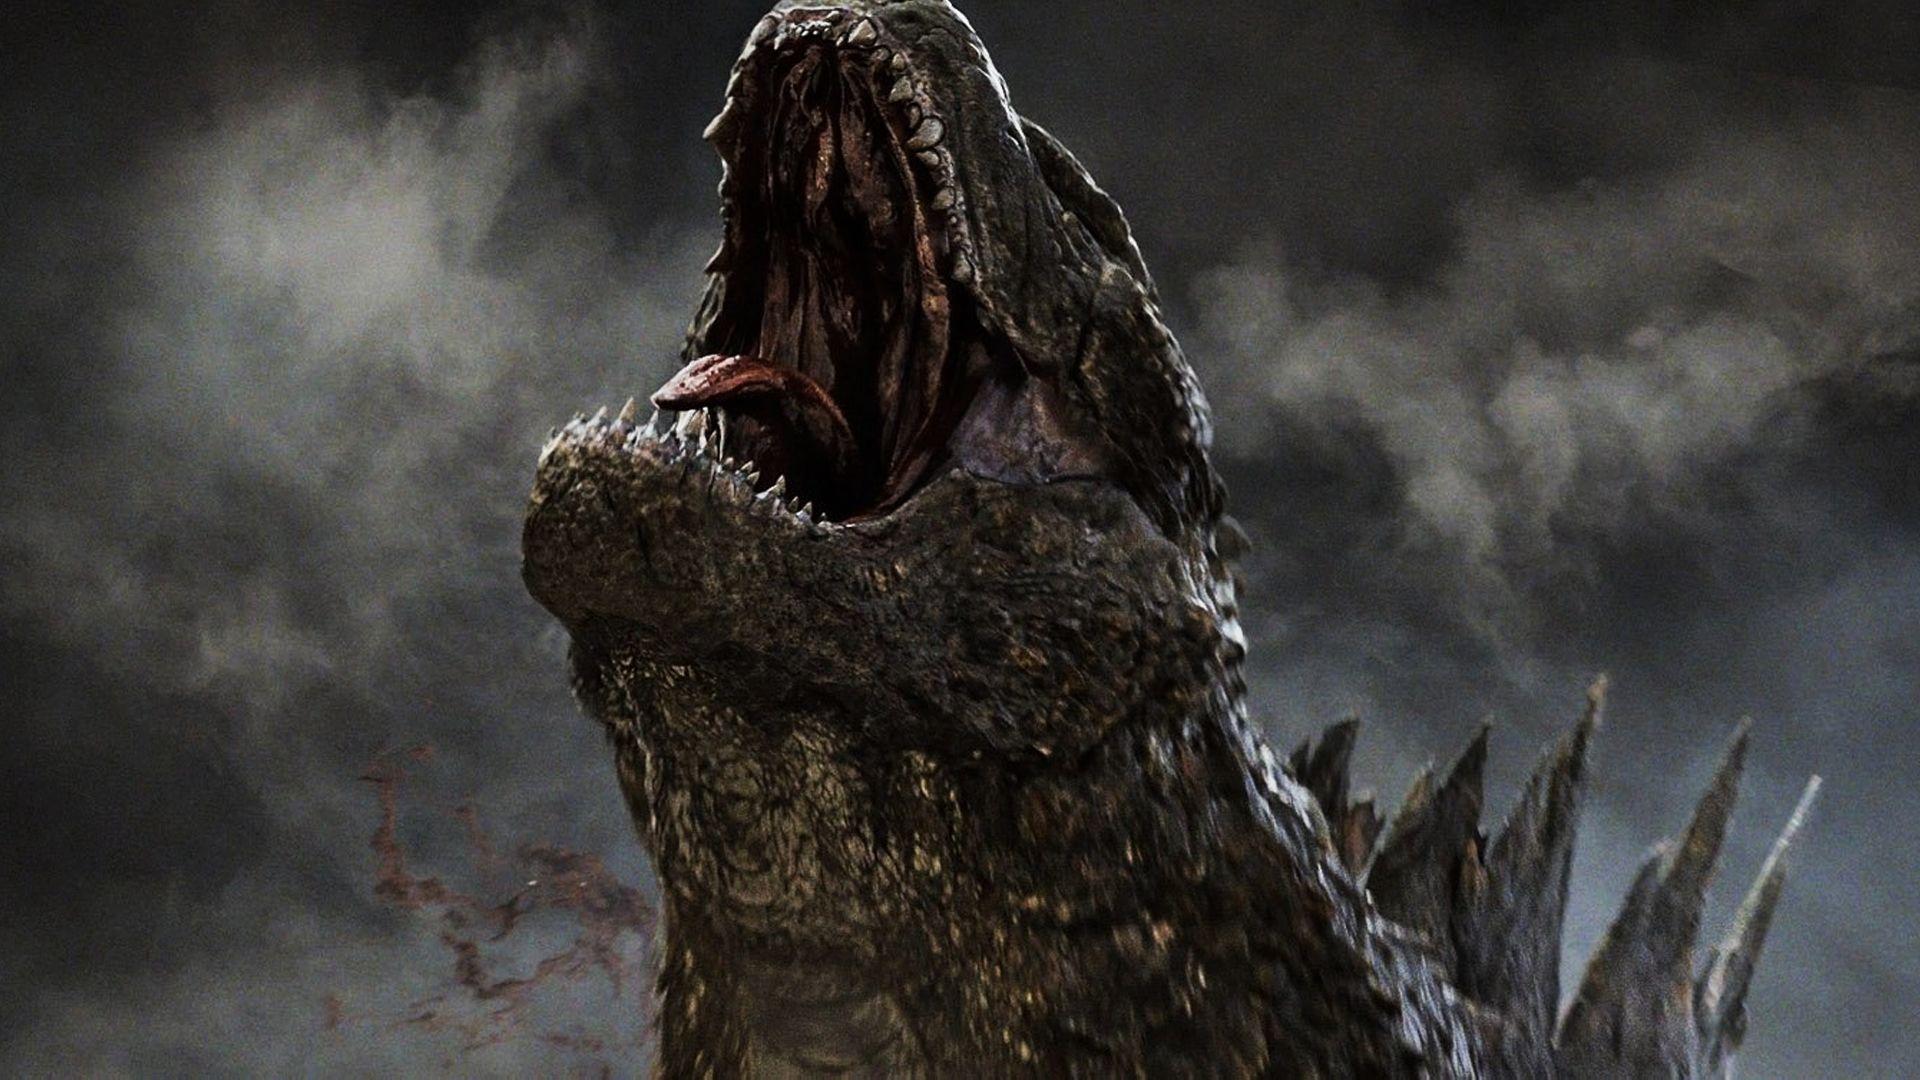 Godzilla Wallpapers Hd 1920x1080 Wallpaper Cave